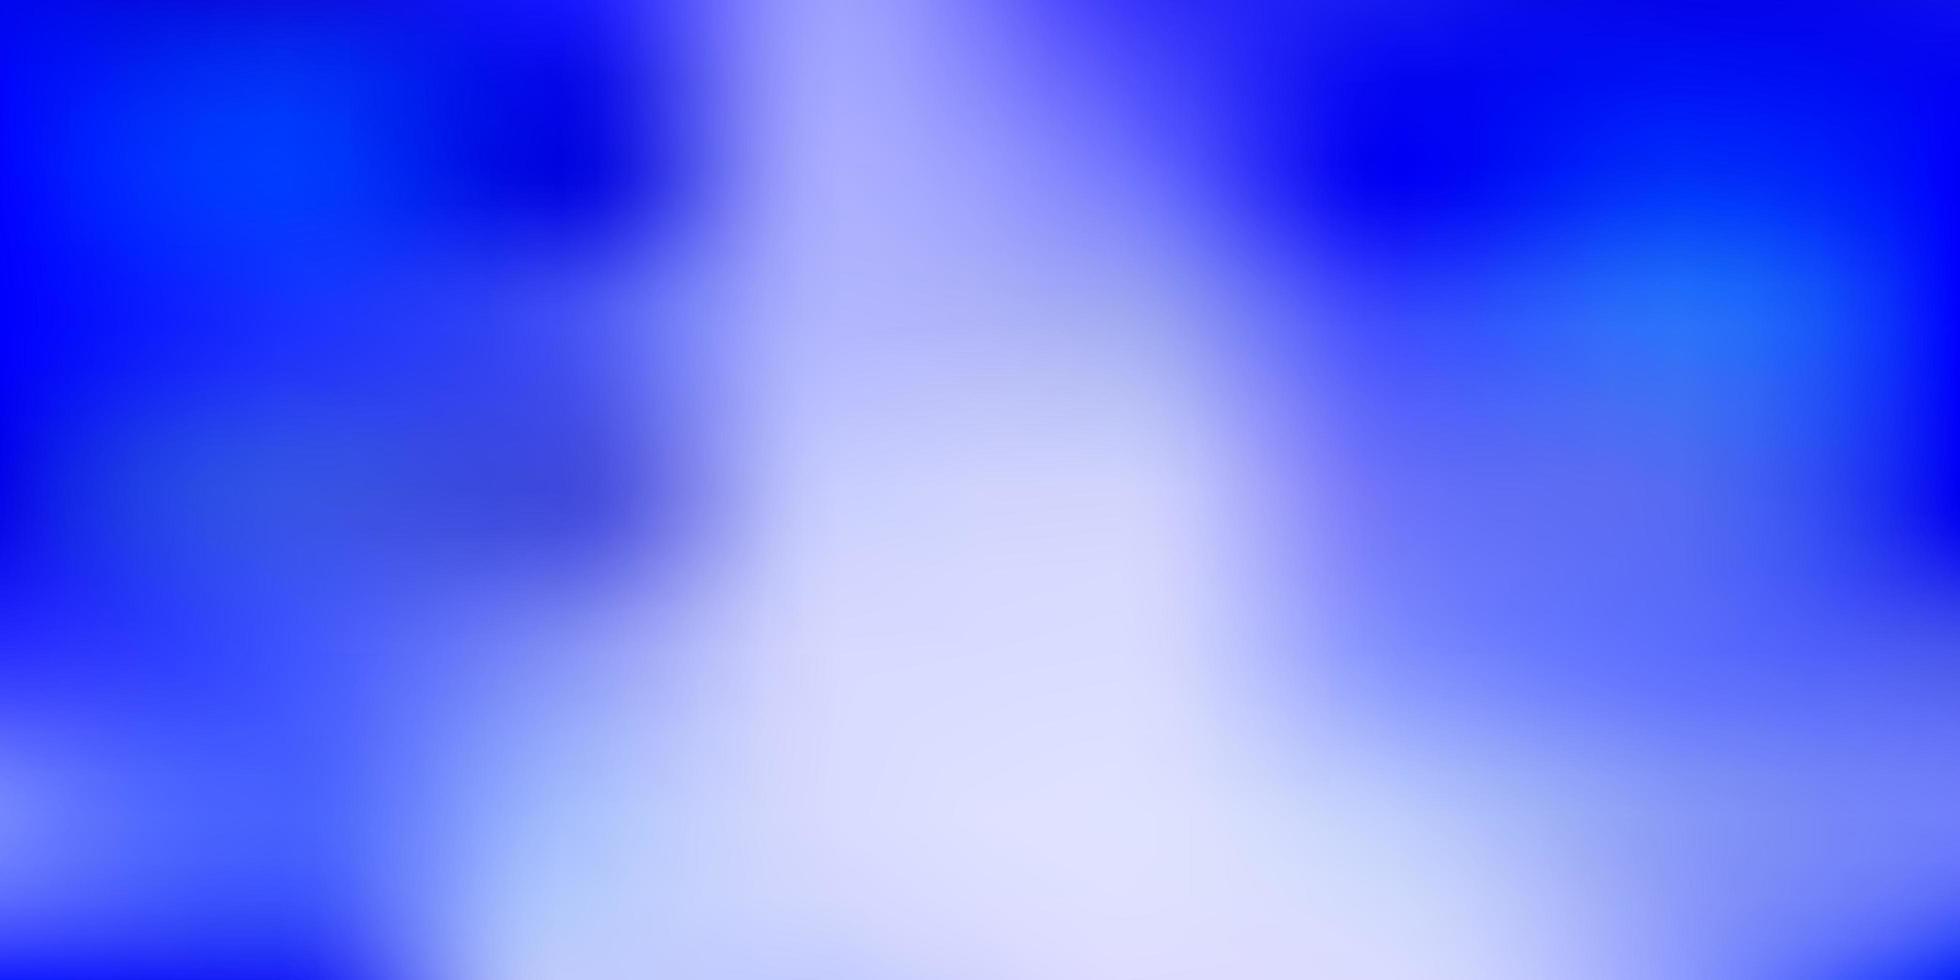 blu scuro vettore astratto sfocatura dello sfondo.